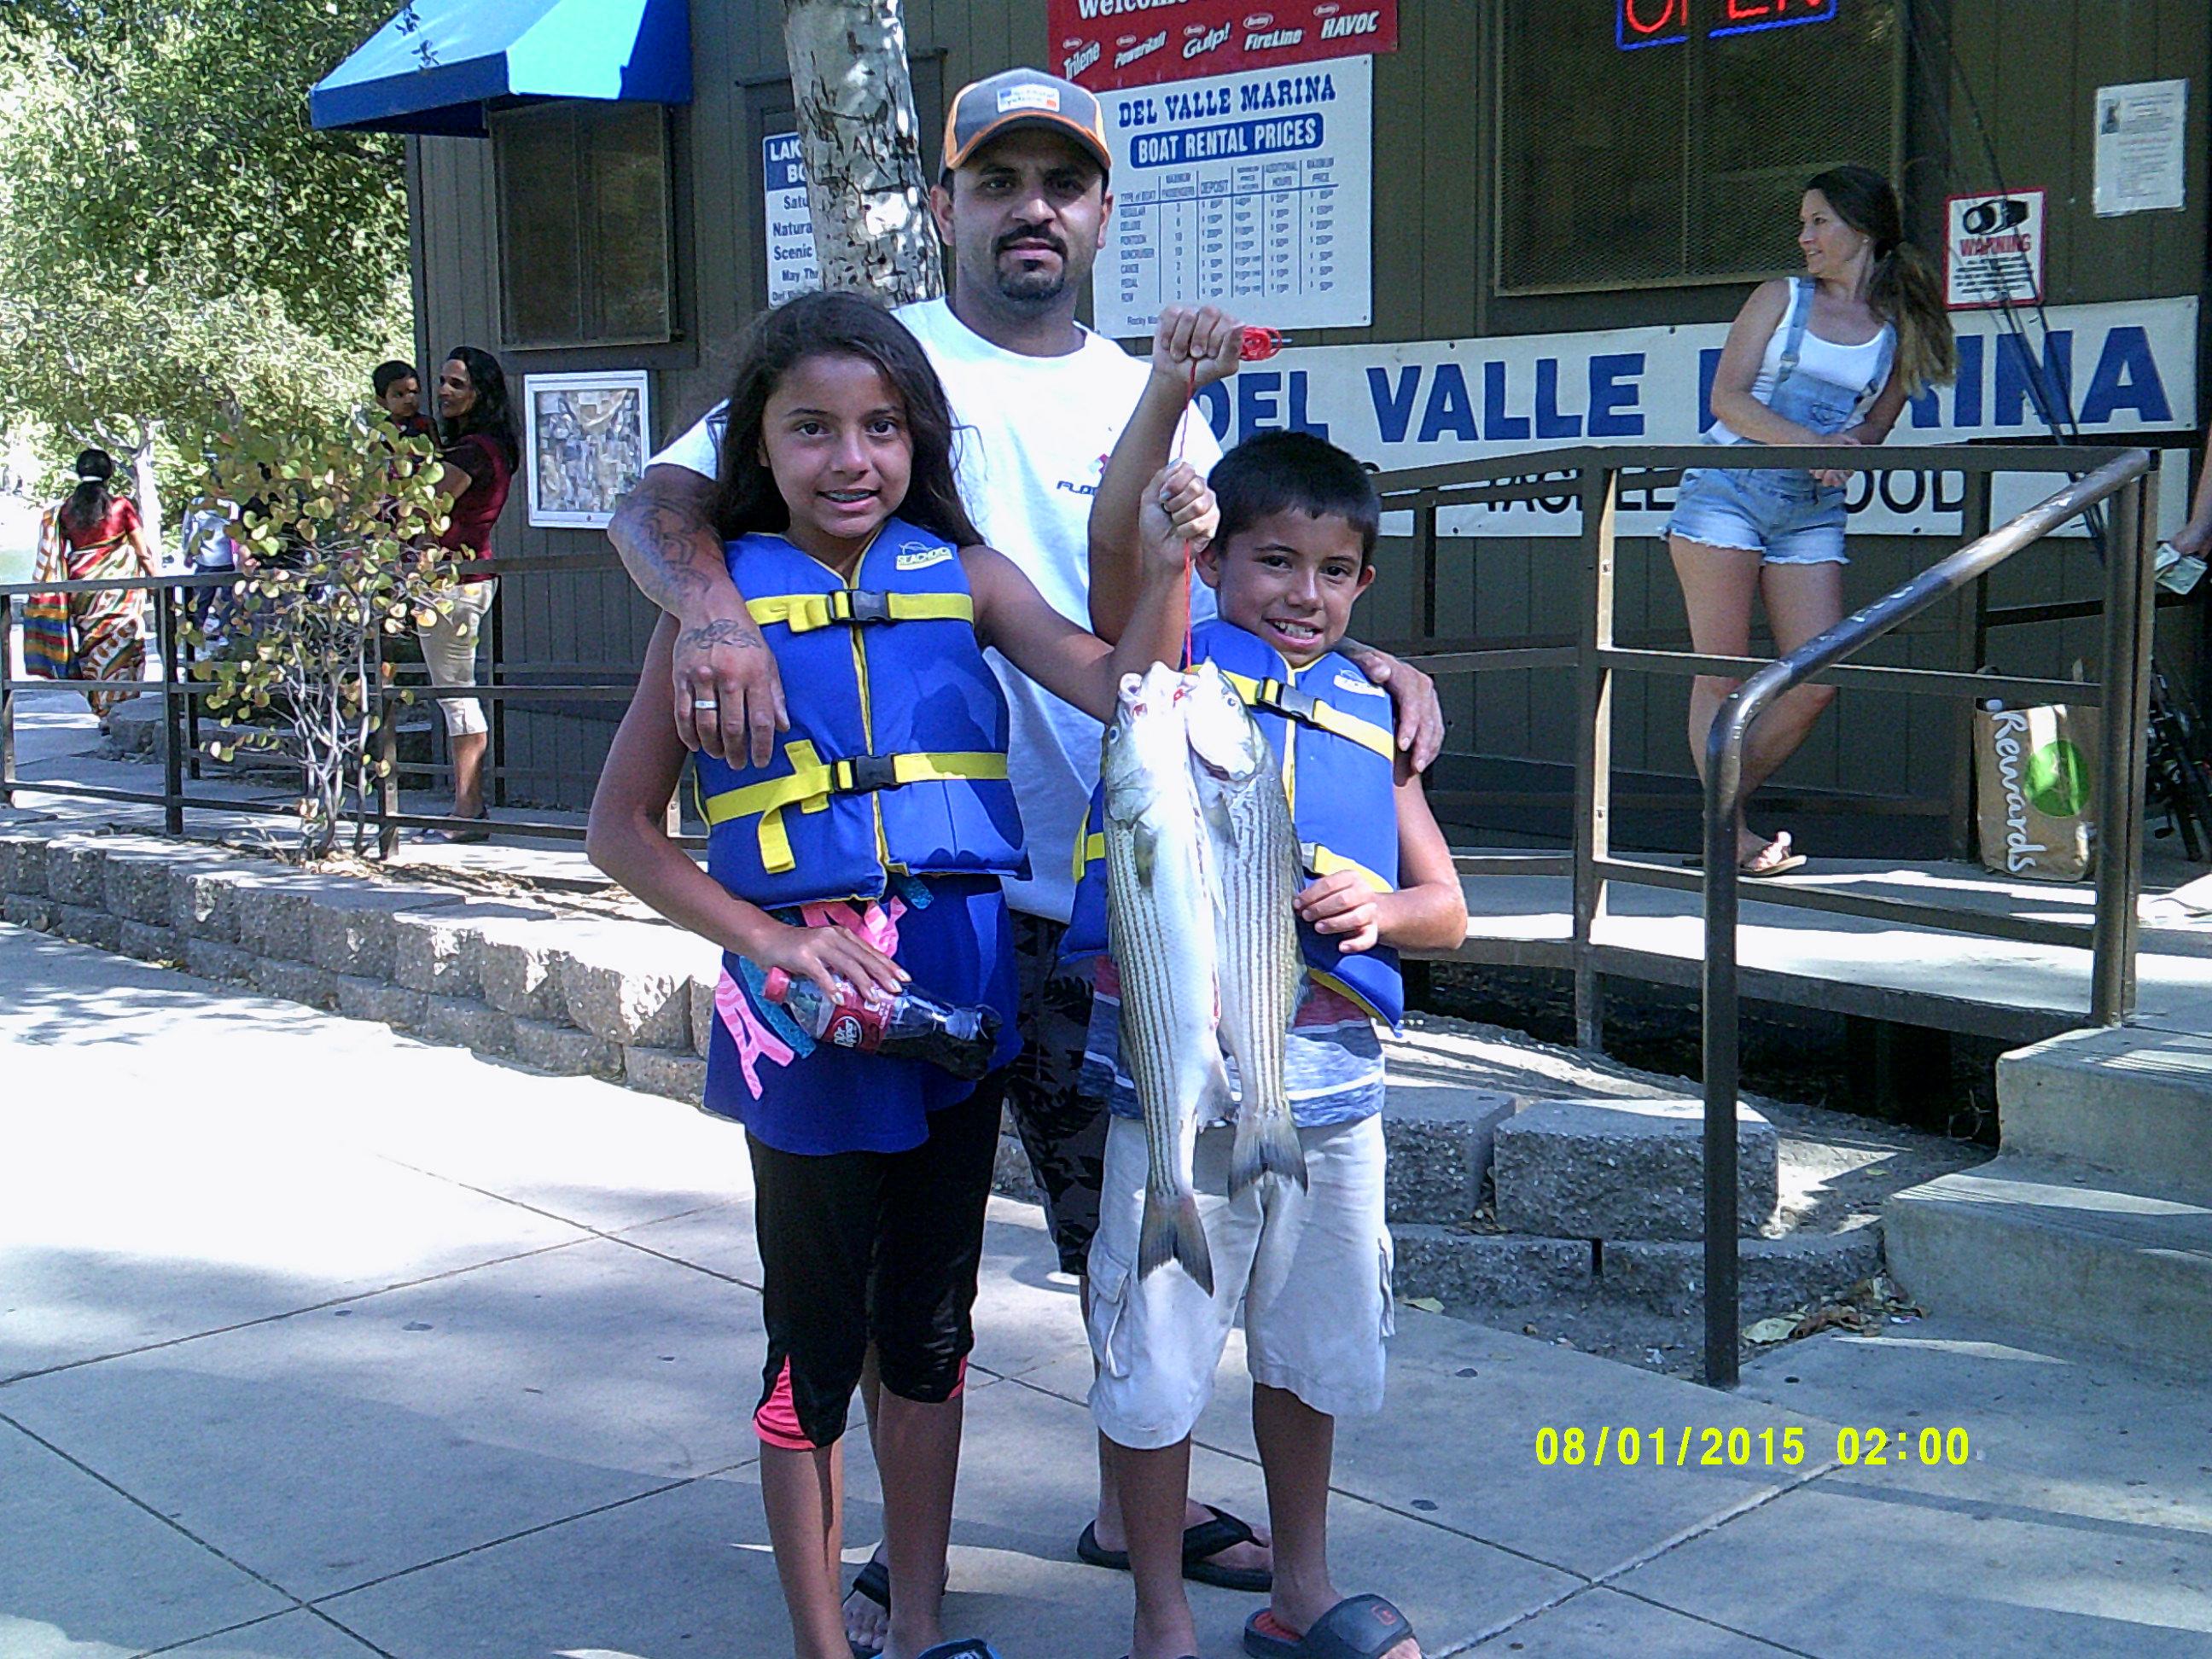 Del Valle Lake Fish Report - Livermore, CA (Alameda County)